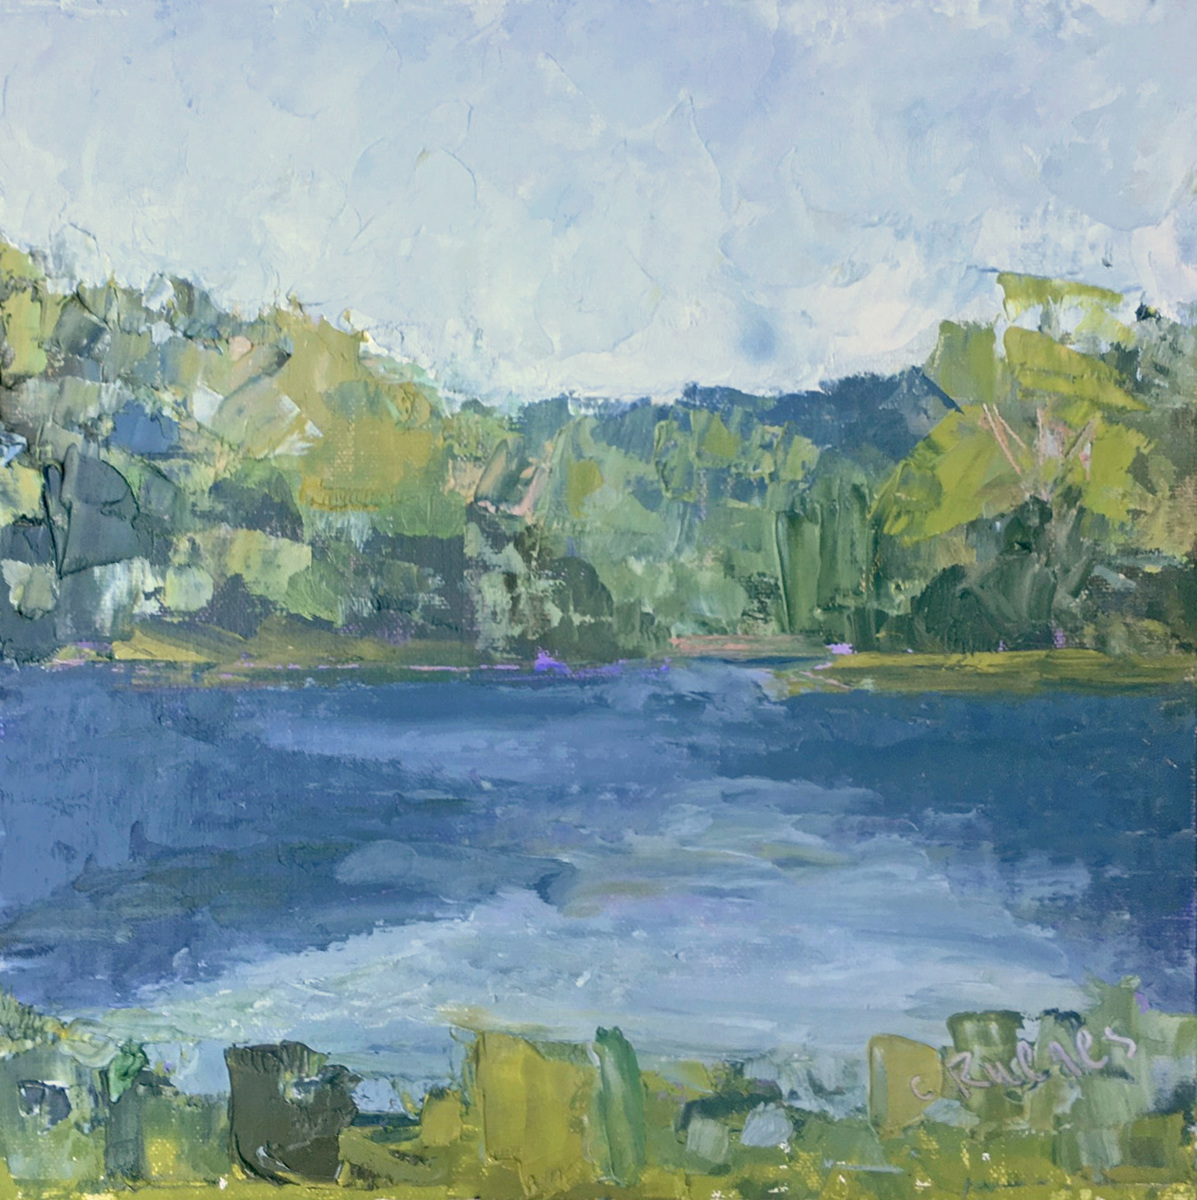 KJan's Lake (large view)